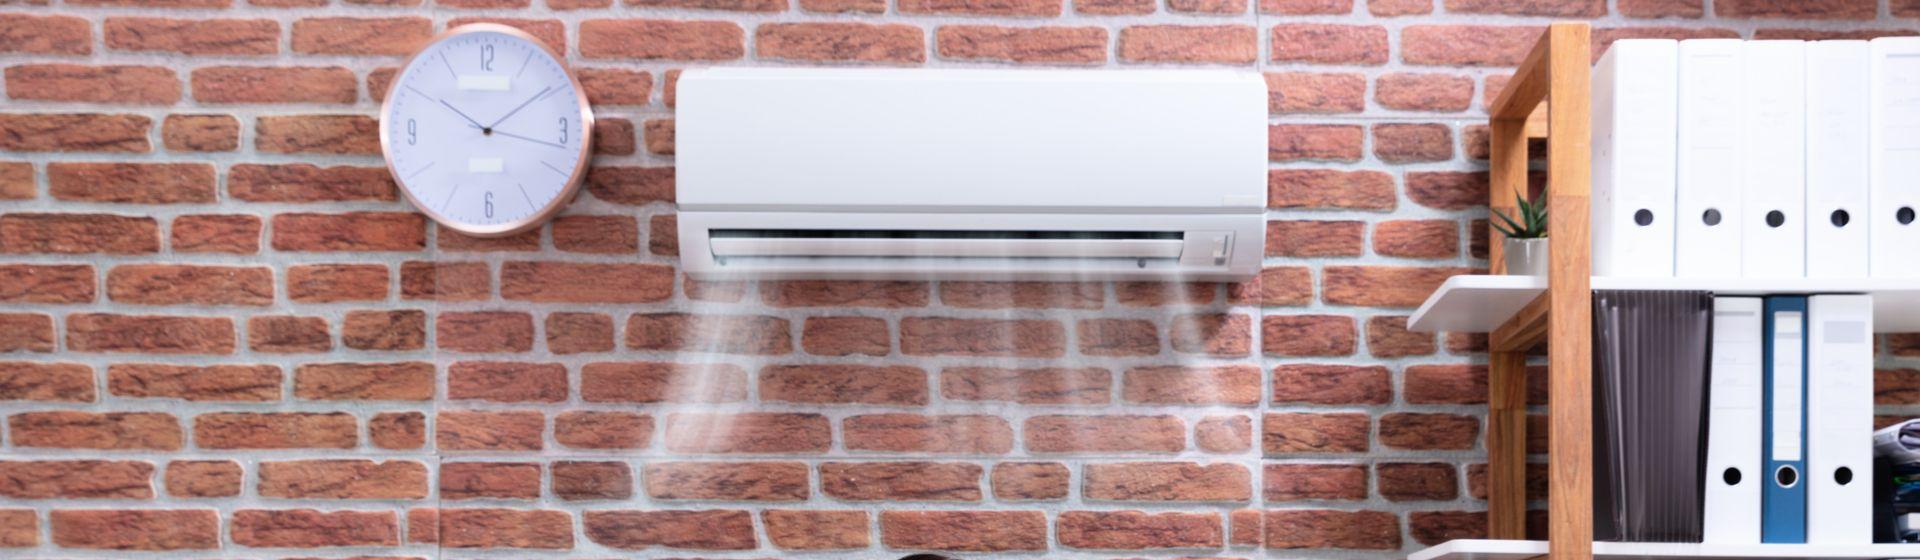 Ar-condicionado 7.500 BTUs: conheça as melhores opções